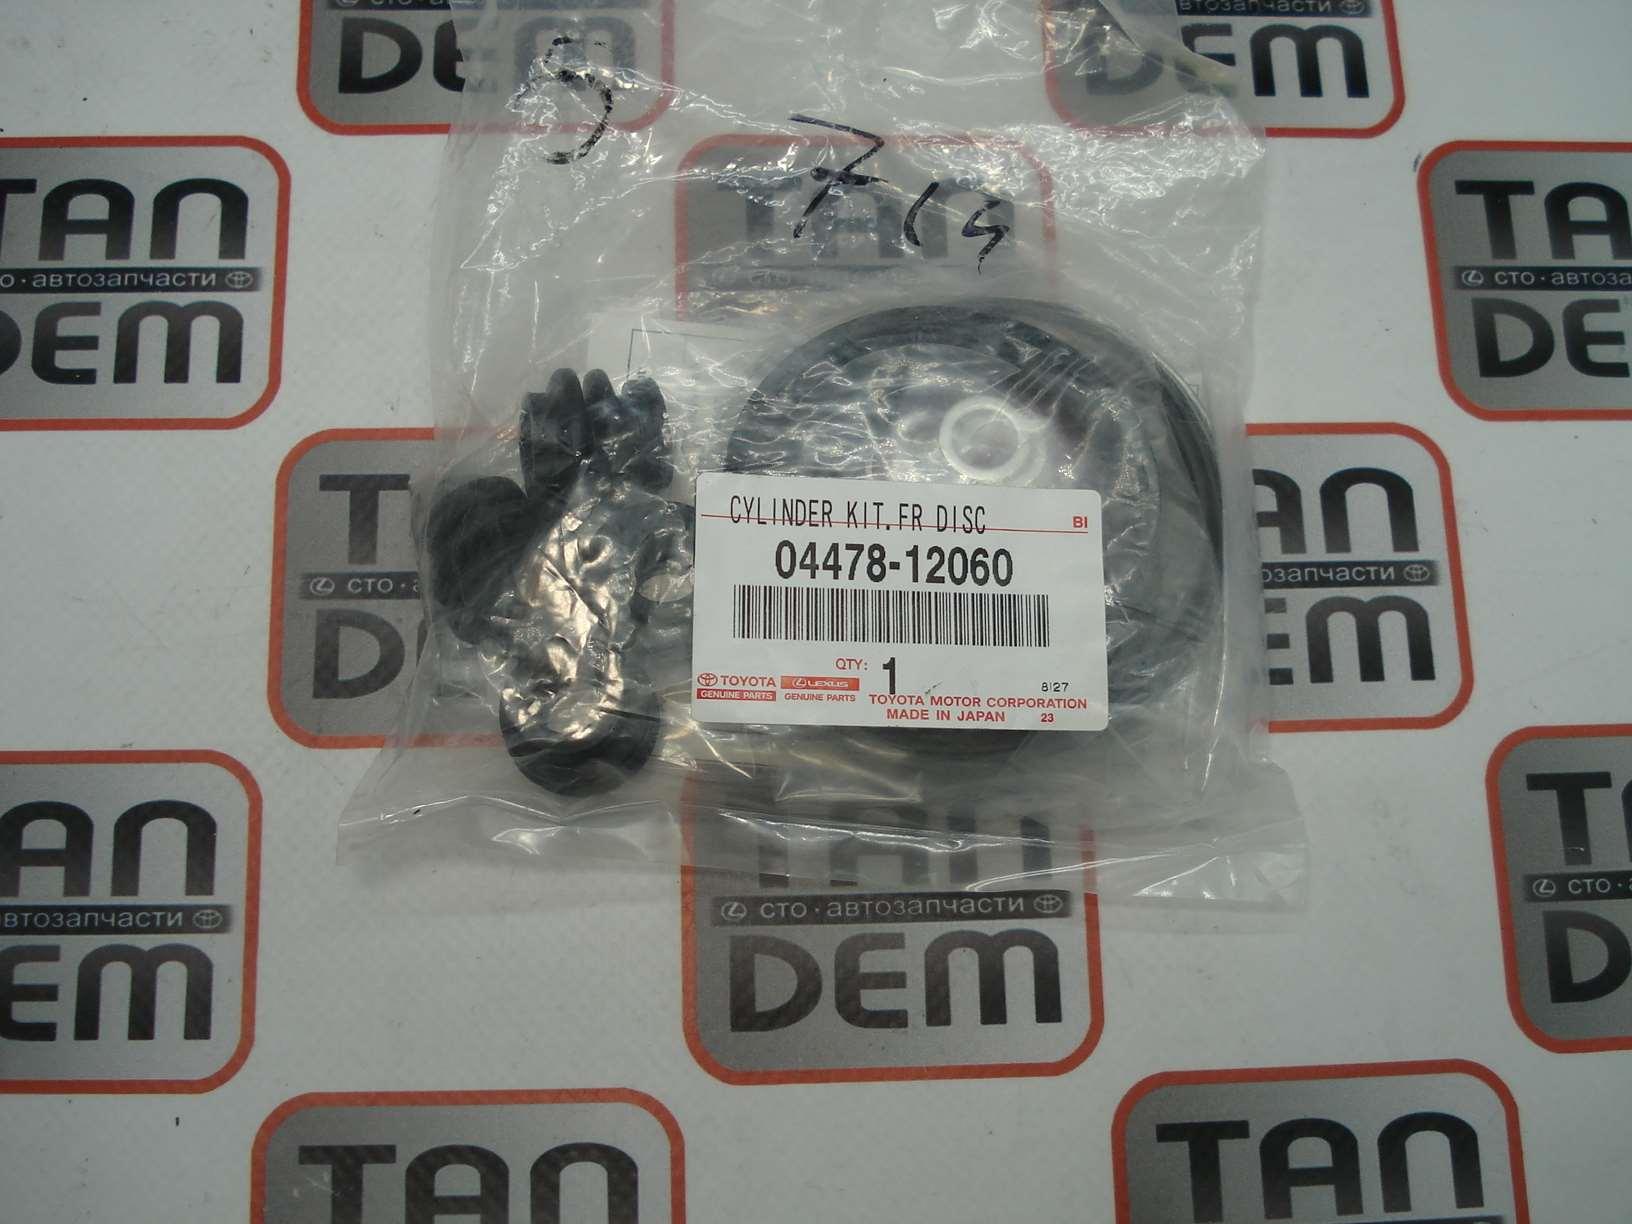 Ремкомплект переднего супорта Corolla 07- 04478-12060,